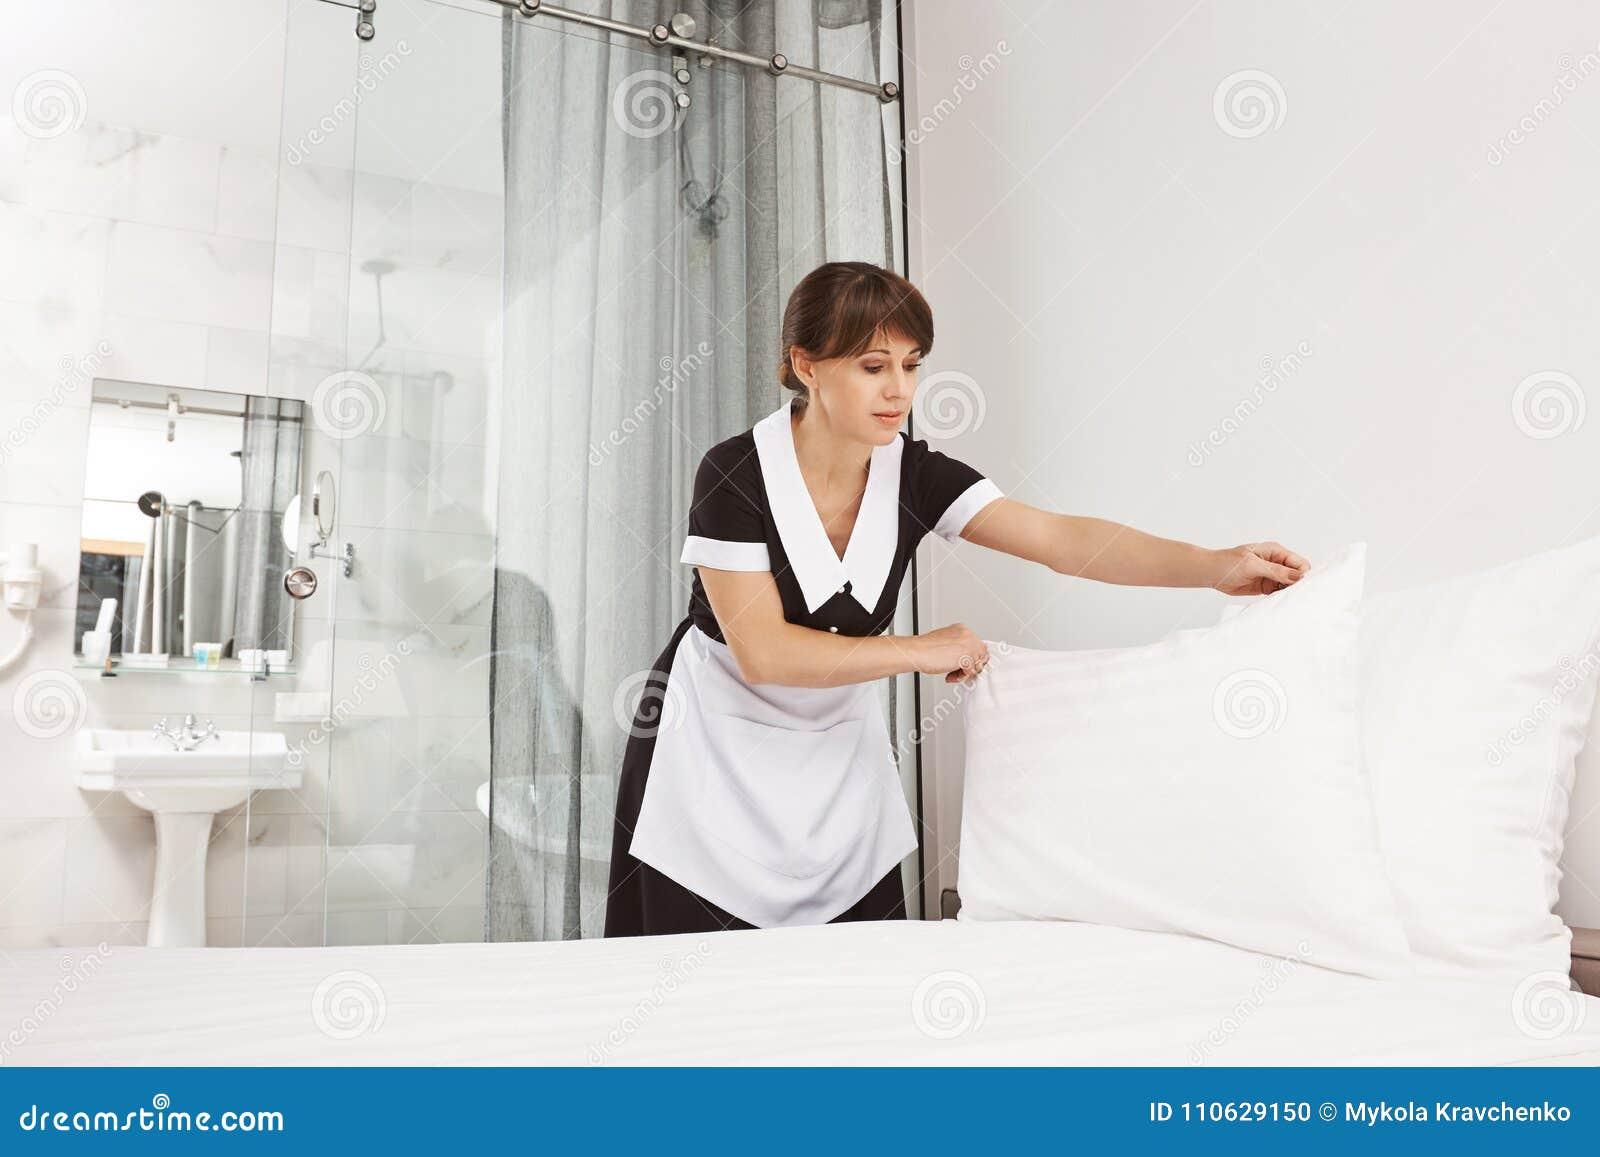 Leendet av klienten gör mig att känna mig bättre Kvinnlig i enhetlig danandesäng för hembiträde i sovrummet som sätter kudden eft